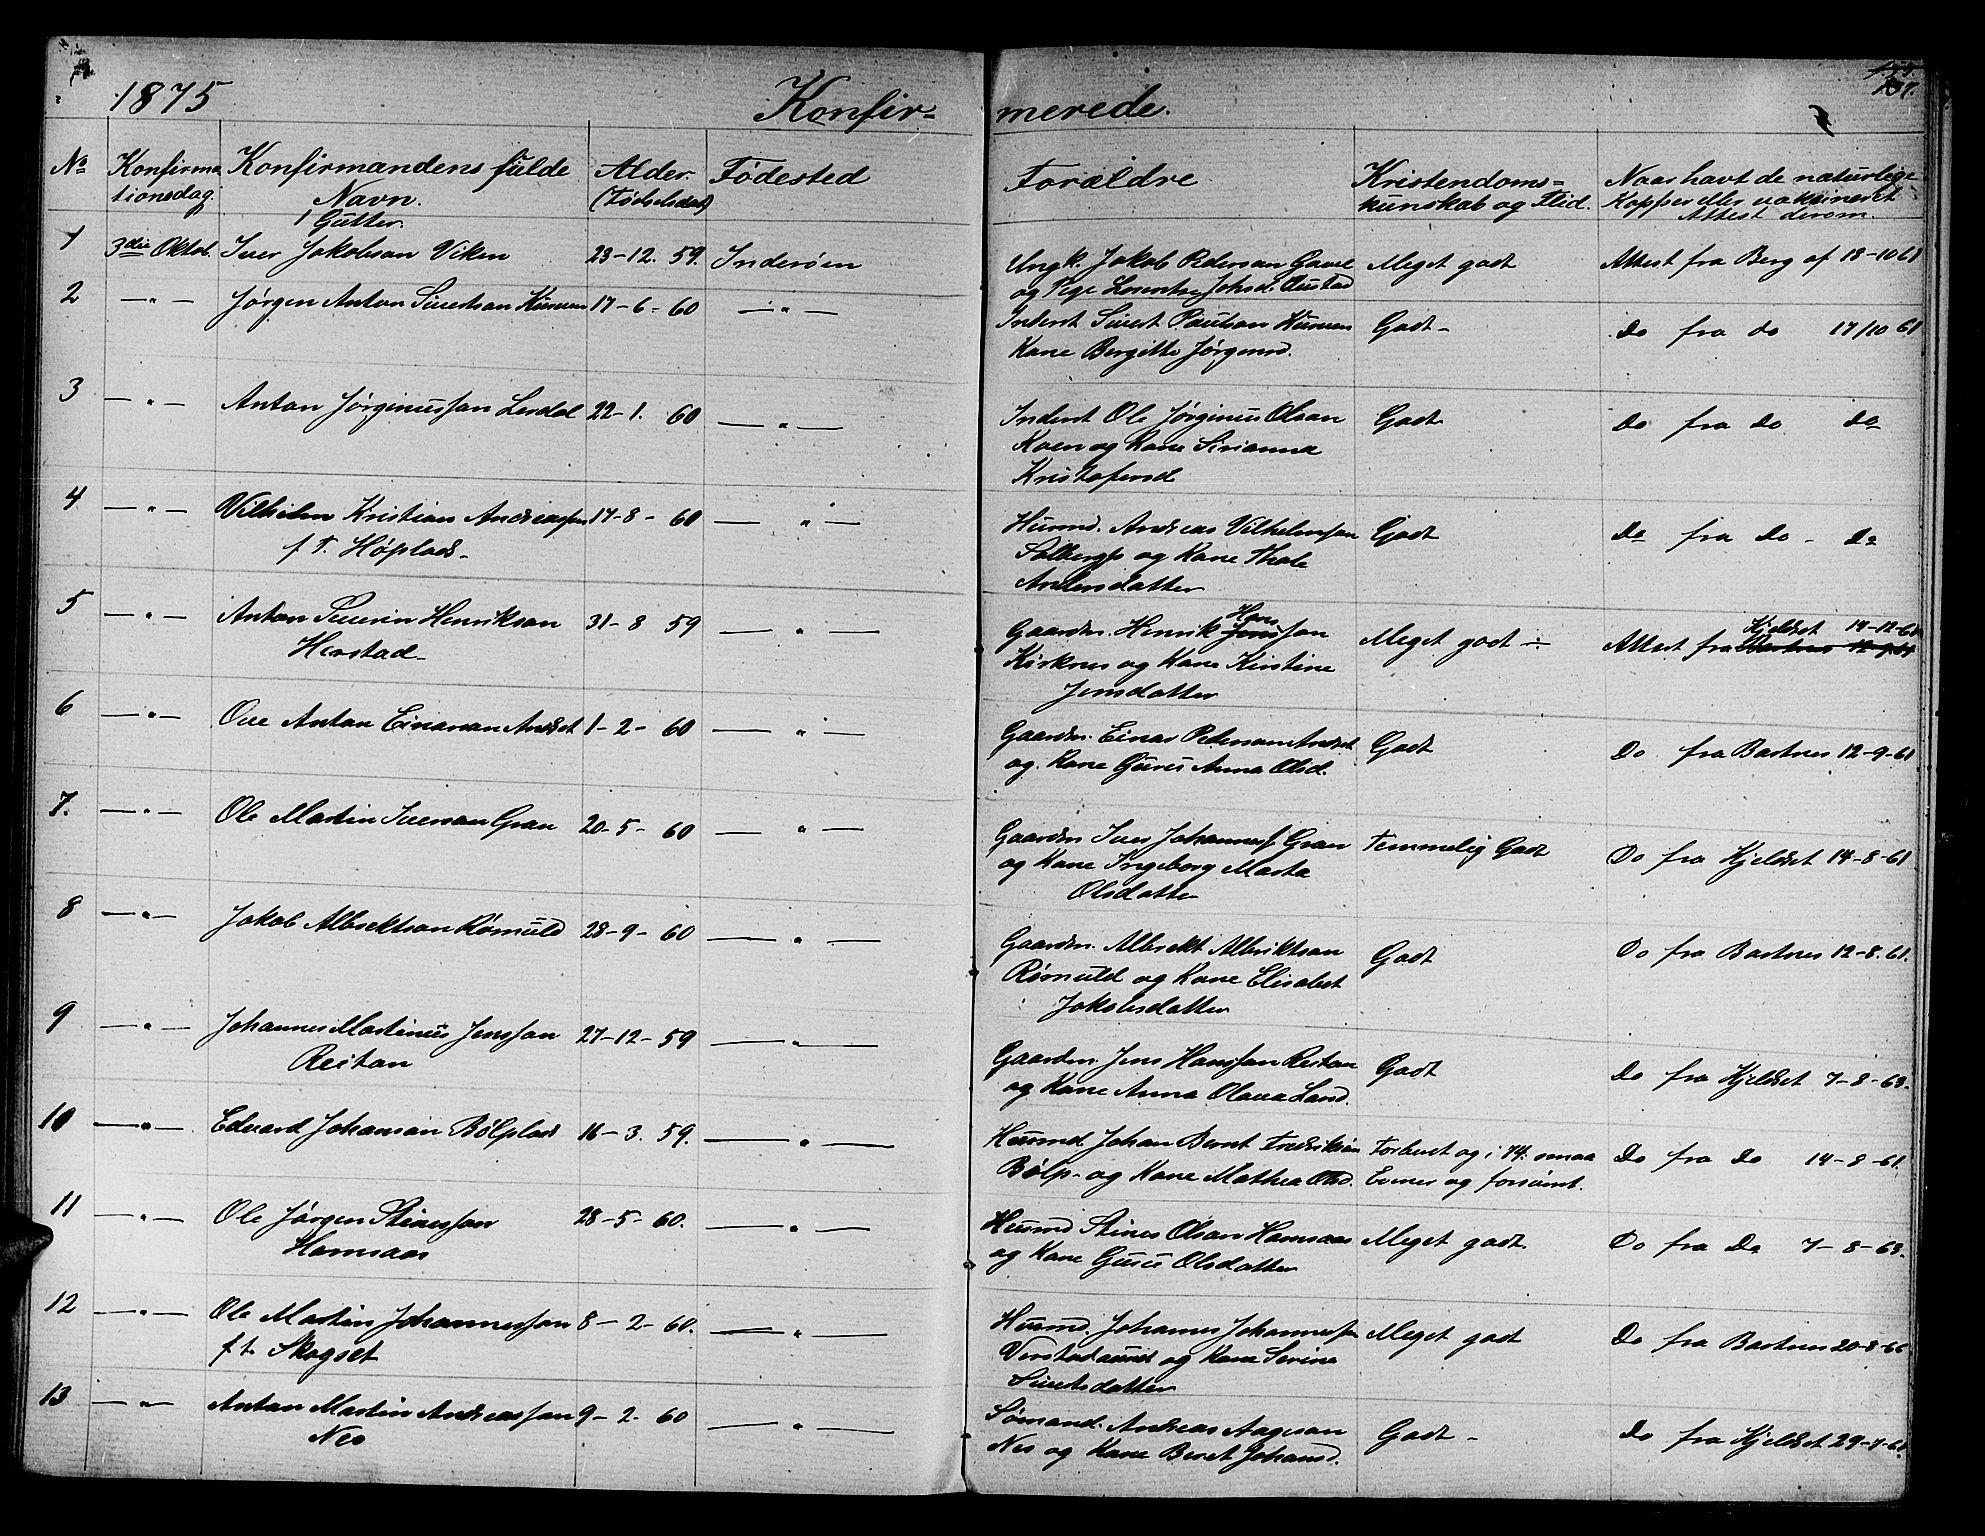 SAT, Ministerialprotokoller, klokkerbøker og fødselsregistre - Nord-Trøndelag, 730/L0300: Klokkerbok nr. 730C03, 1872-1879, s. 137